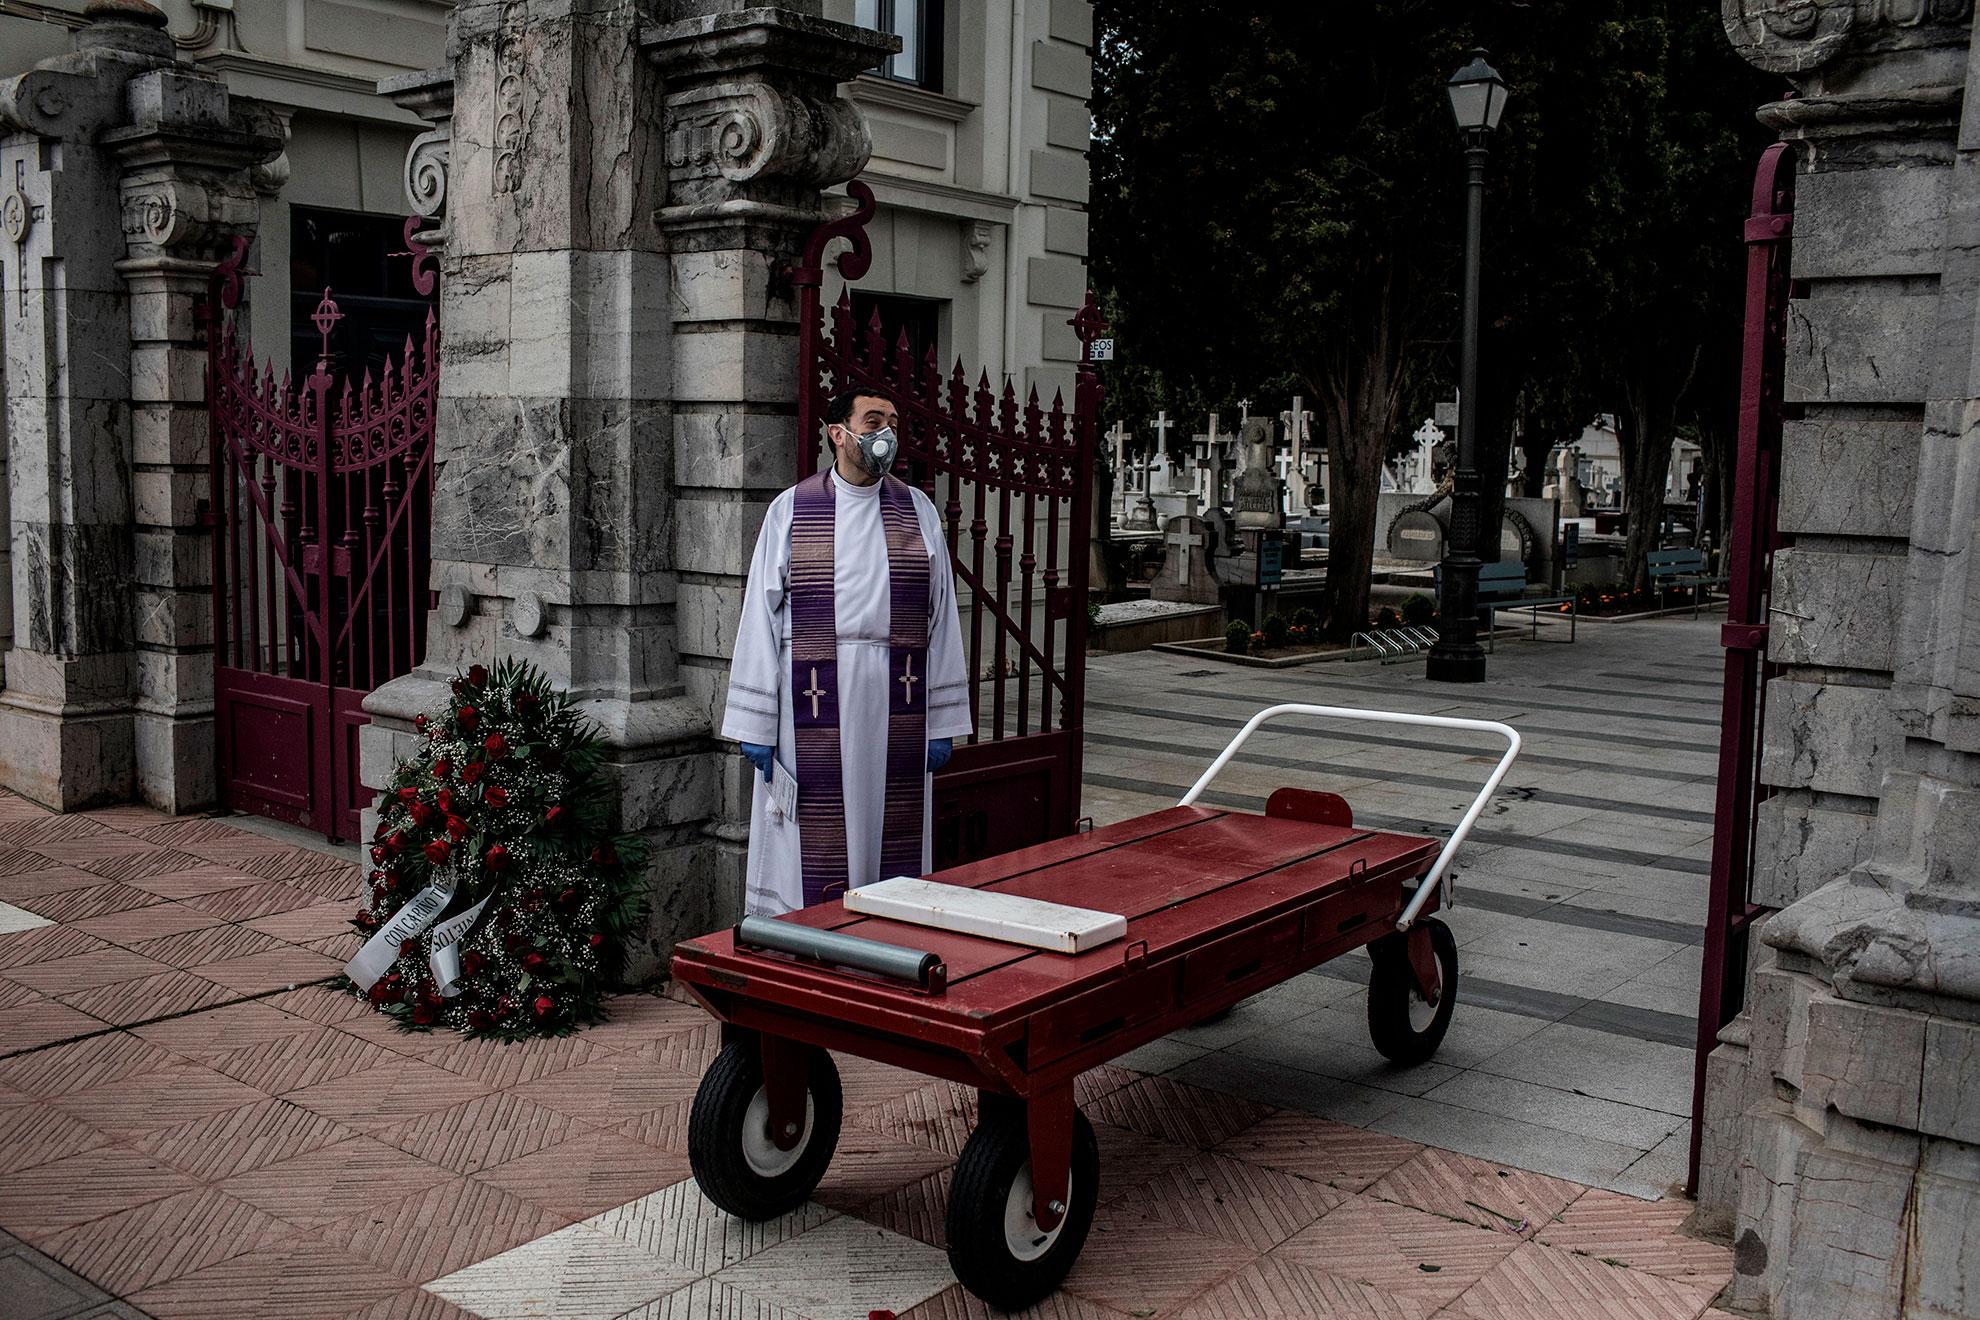 En esta foto tomada el pasado 8 de Abril del 2020: El párroco Manuel Flaker espera a la puerta del cementerio cerca del carro para transportar ataúdes antes de la inhumación de D. Marcial Souto, 82, en el cementerio de León, España. 13 Abril, 2020 @manubrabo Parroco y asociado han venido al funeral en calidad de amigos de la familia y para dar un responso y apoyo a Jose Manuel, hijo y único asistente al entierro, pues su madre está delicada de salud y su hermana vive en el extranjero, en Irlanda.